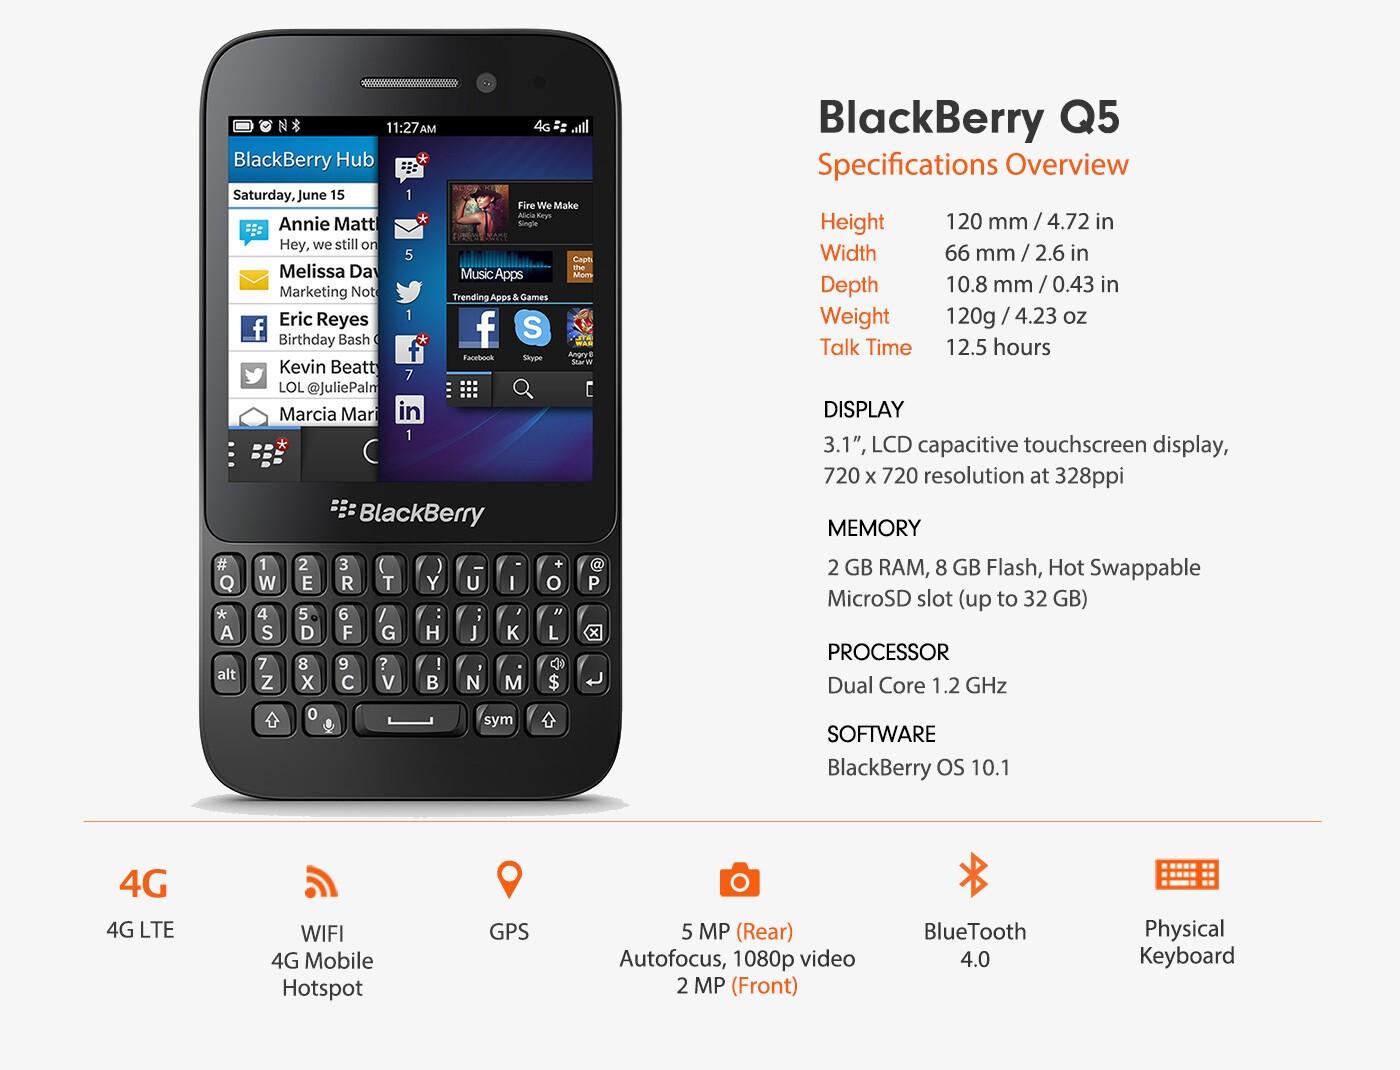 Blackberry virgin mobile reviews galleries 387